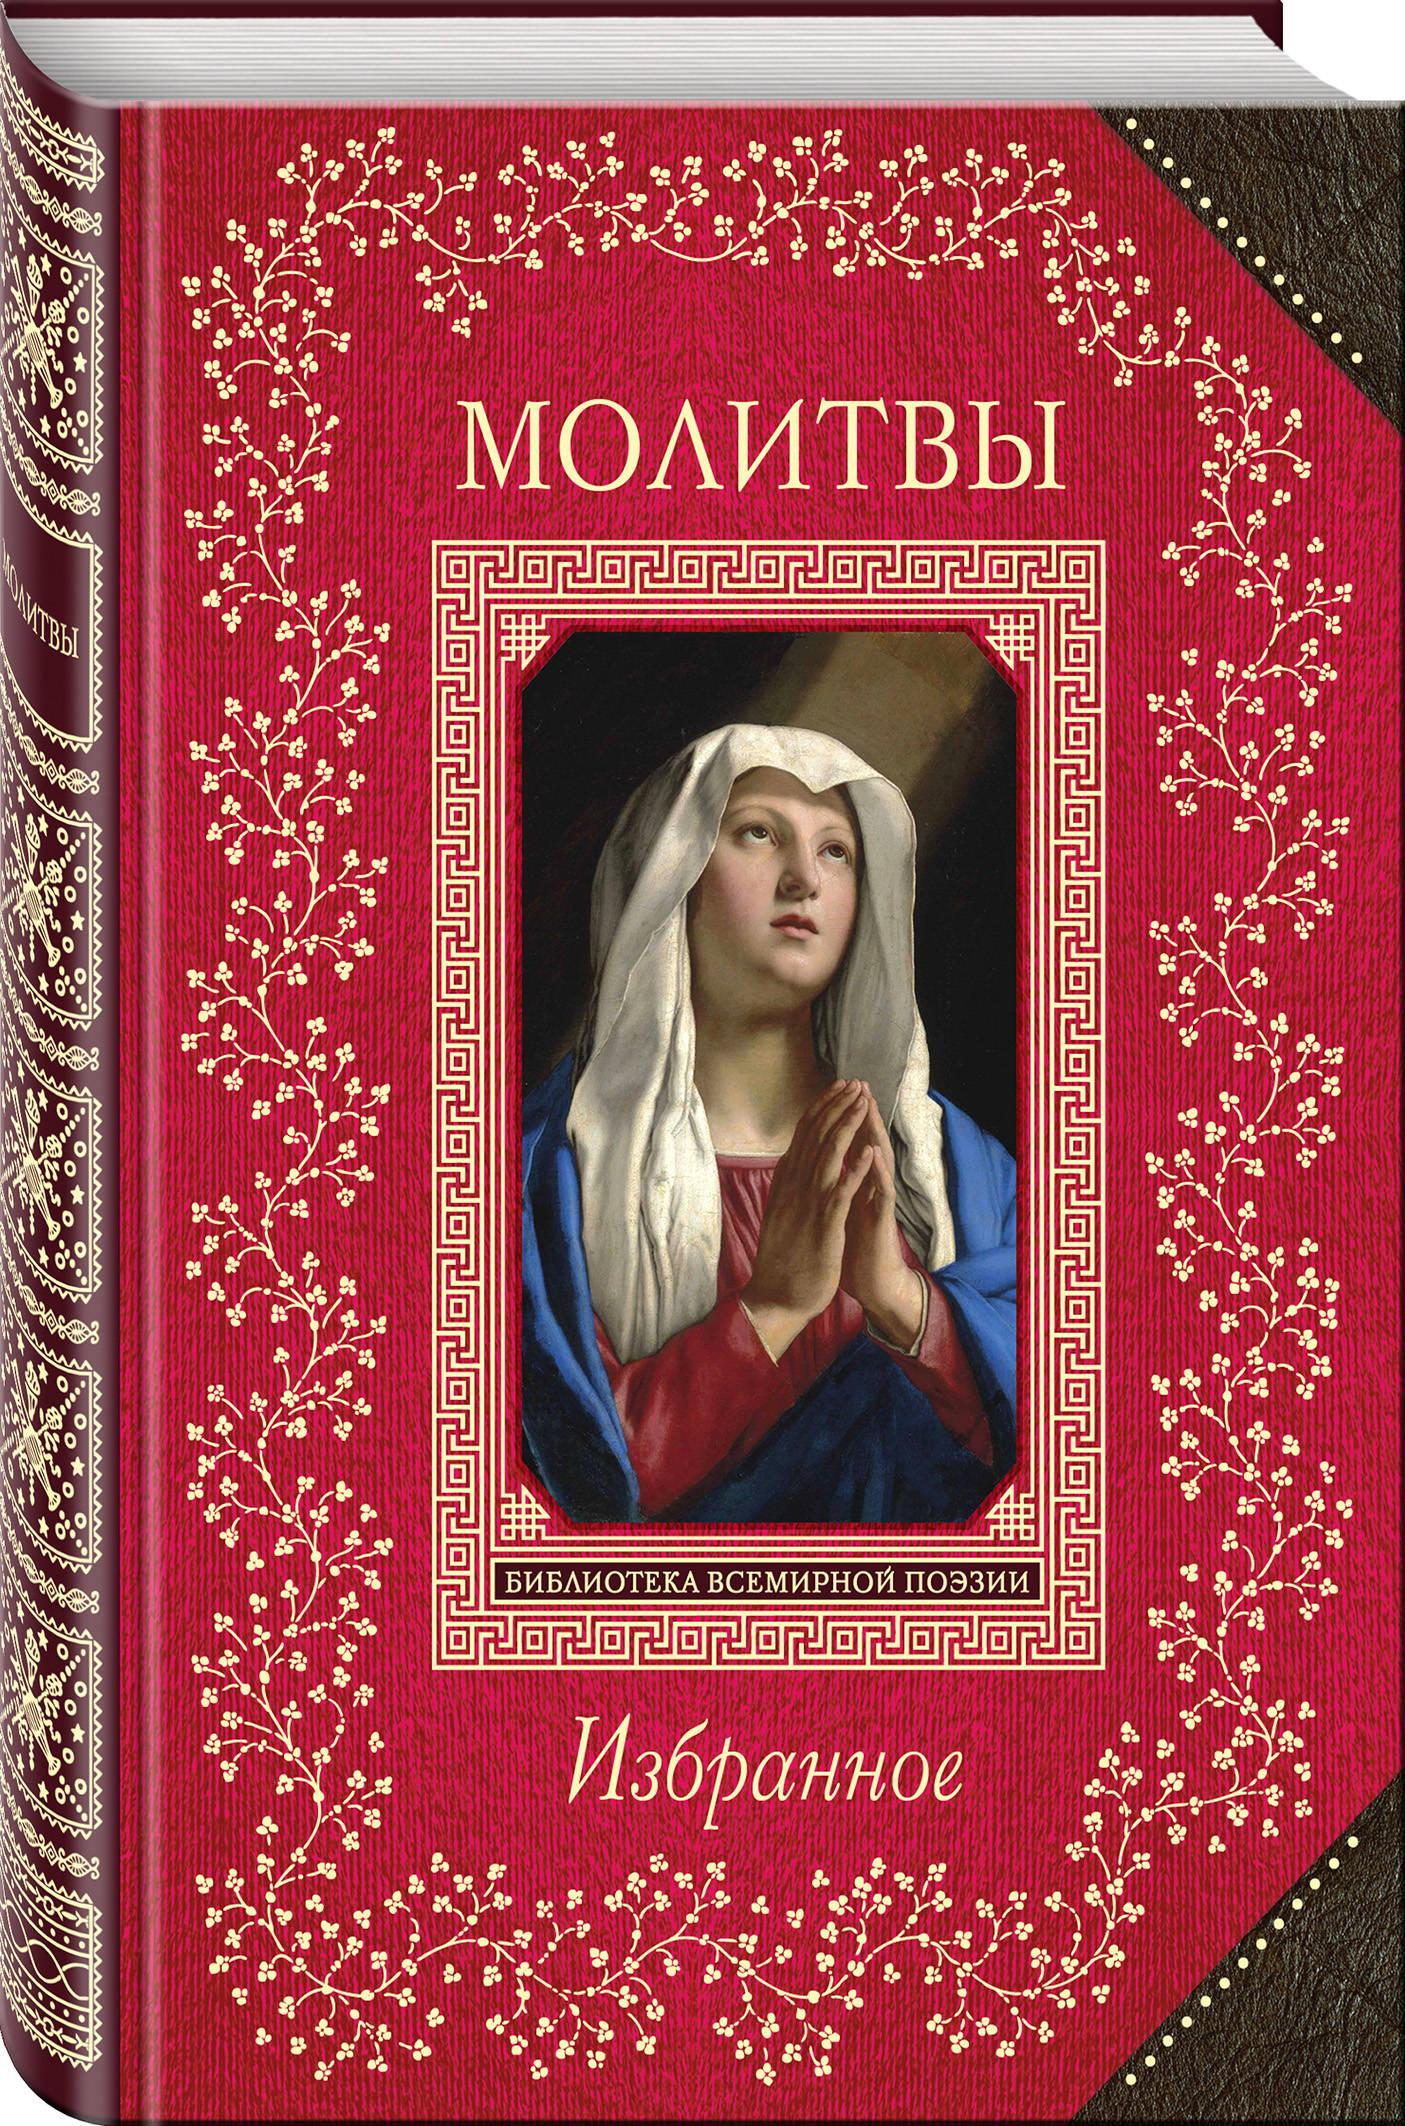 Пушкин А.С., Ахматова А.А., Пастернак Б.Л. и др. Молитвы. Избранное наш пушкин